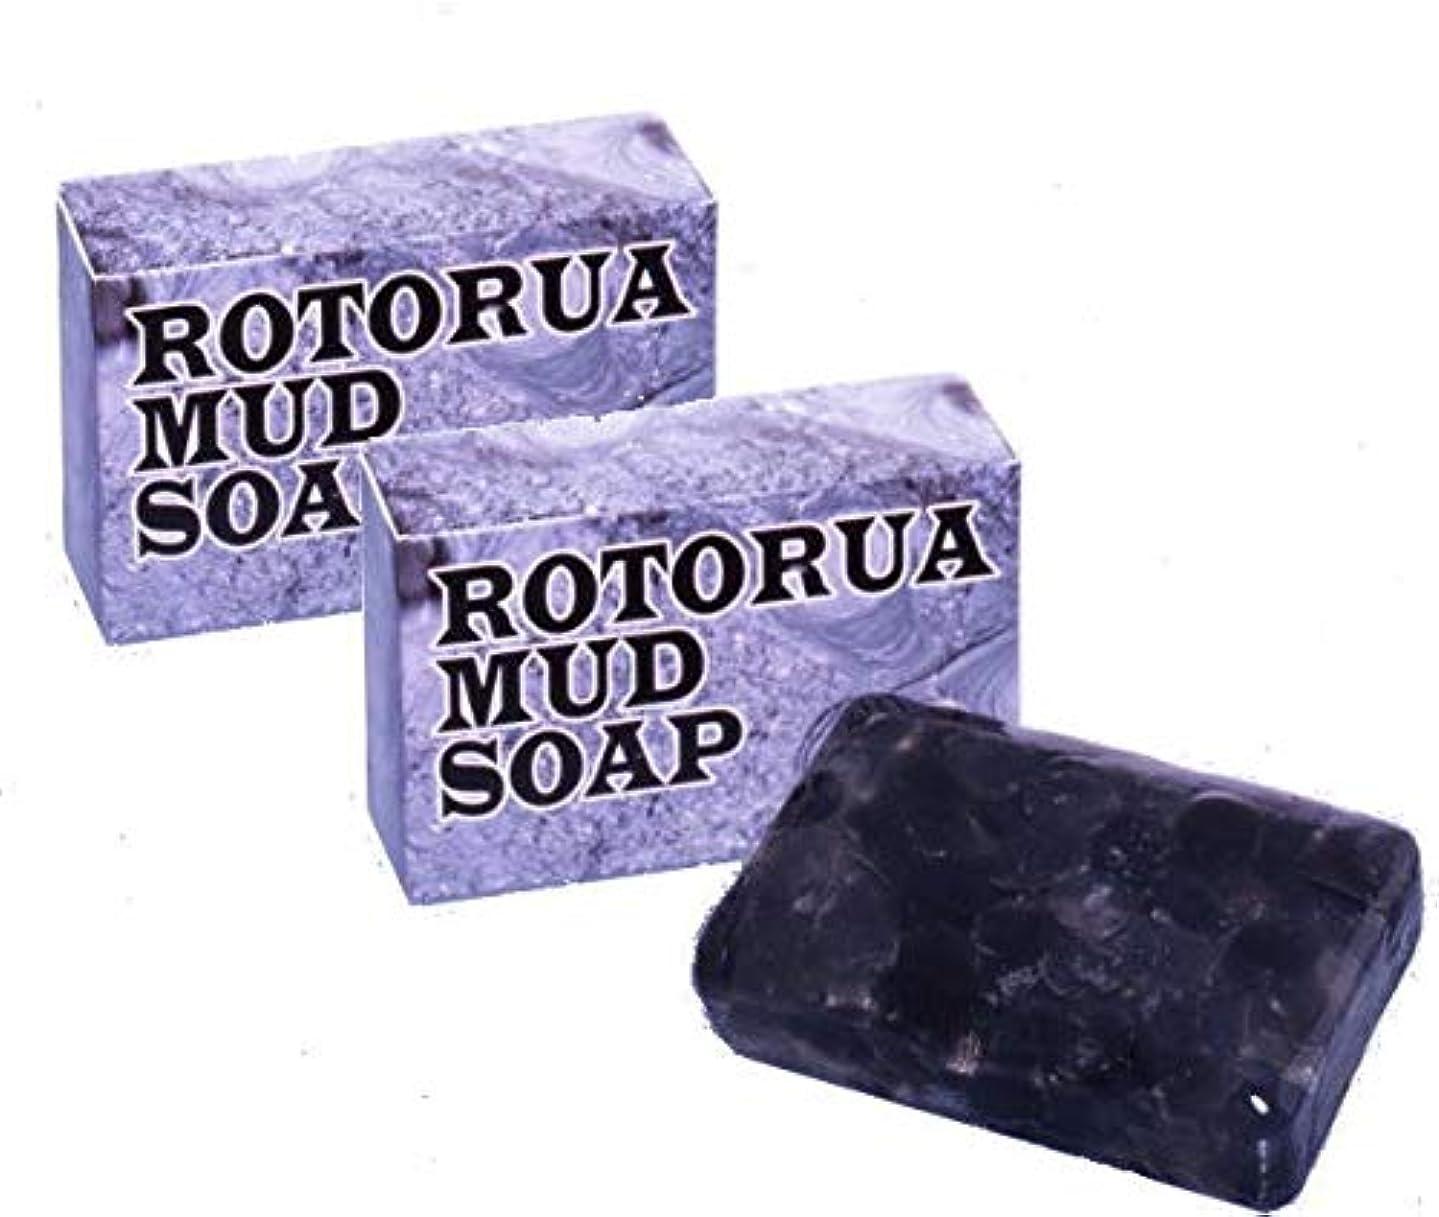 夏の石鹸 ロトルア?マッドソープ(洗顔ソープ)×2個セット ●ロトルア火山からの温泉水ミネラル石鹸